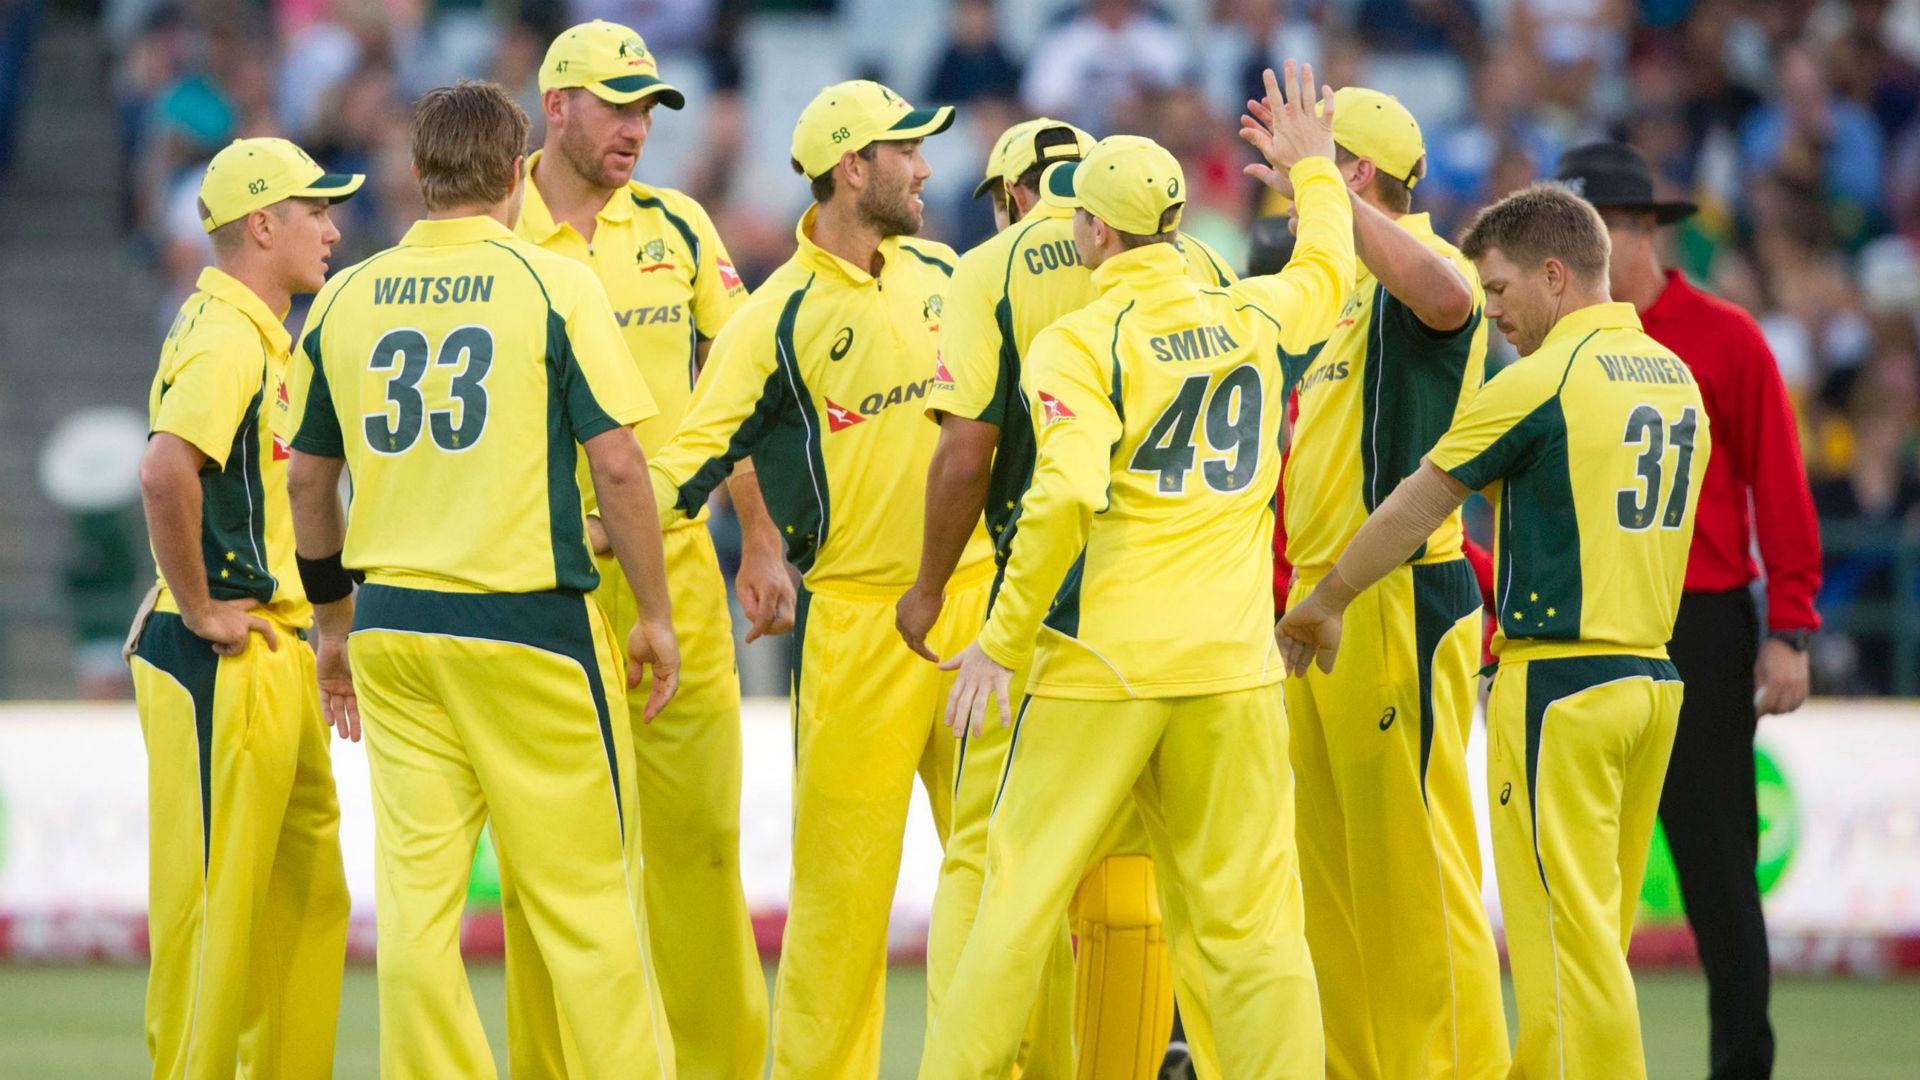 क्रिकेट ऑस्ट्रेलिया और सीएसी के मैच को बायकाट करने पर भड़के दिग्गज कप्तान एलन बार्डर, कड़े शब्दों में जाहिर की निराशा 1